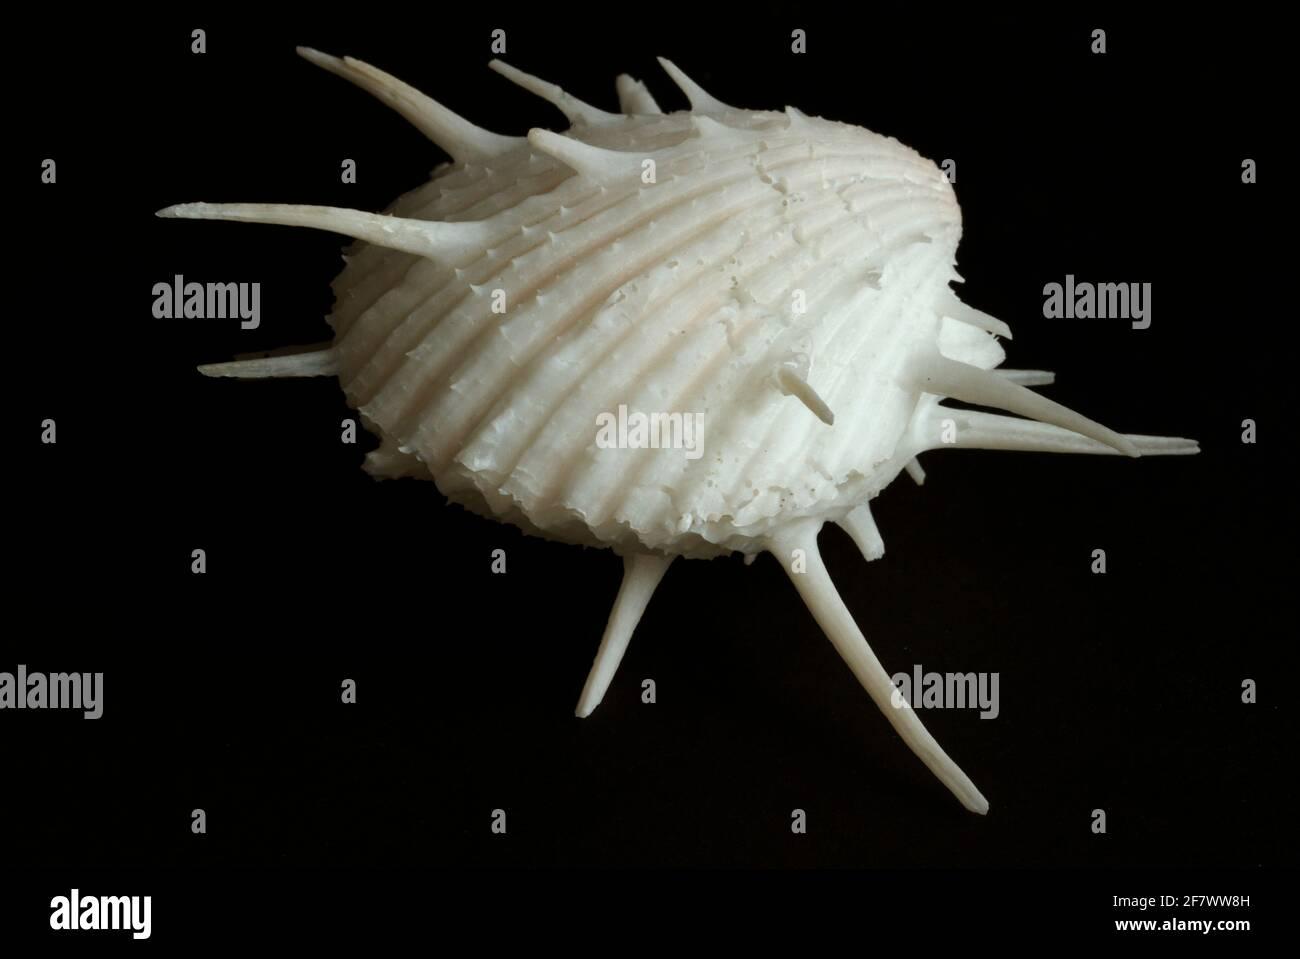 El nombre común de la Ostra espinosa o espinosa es engañoso ya que no son ostras verdaderas, pero son un bivalvo de una familia distintiva y relativamente pequeña Foto de stock